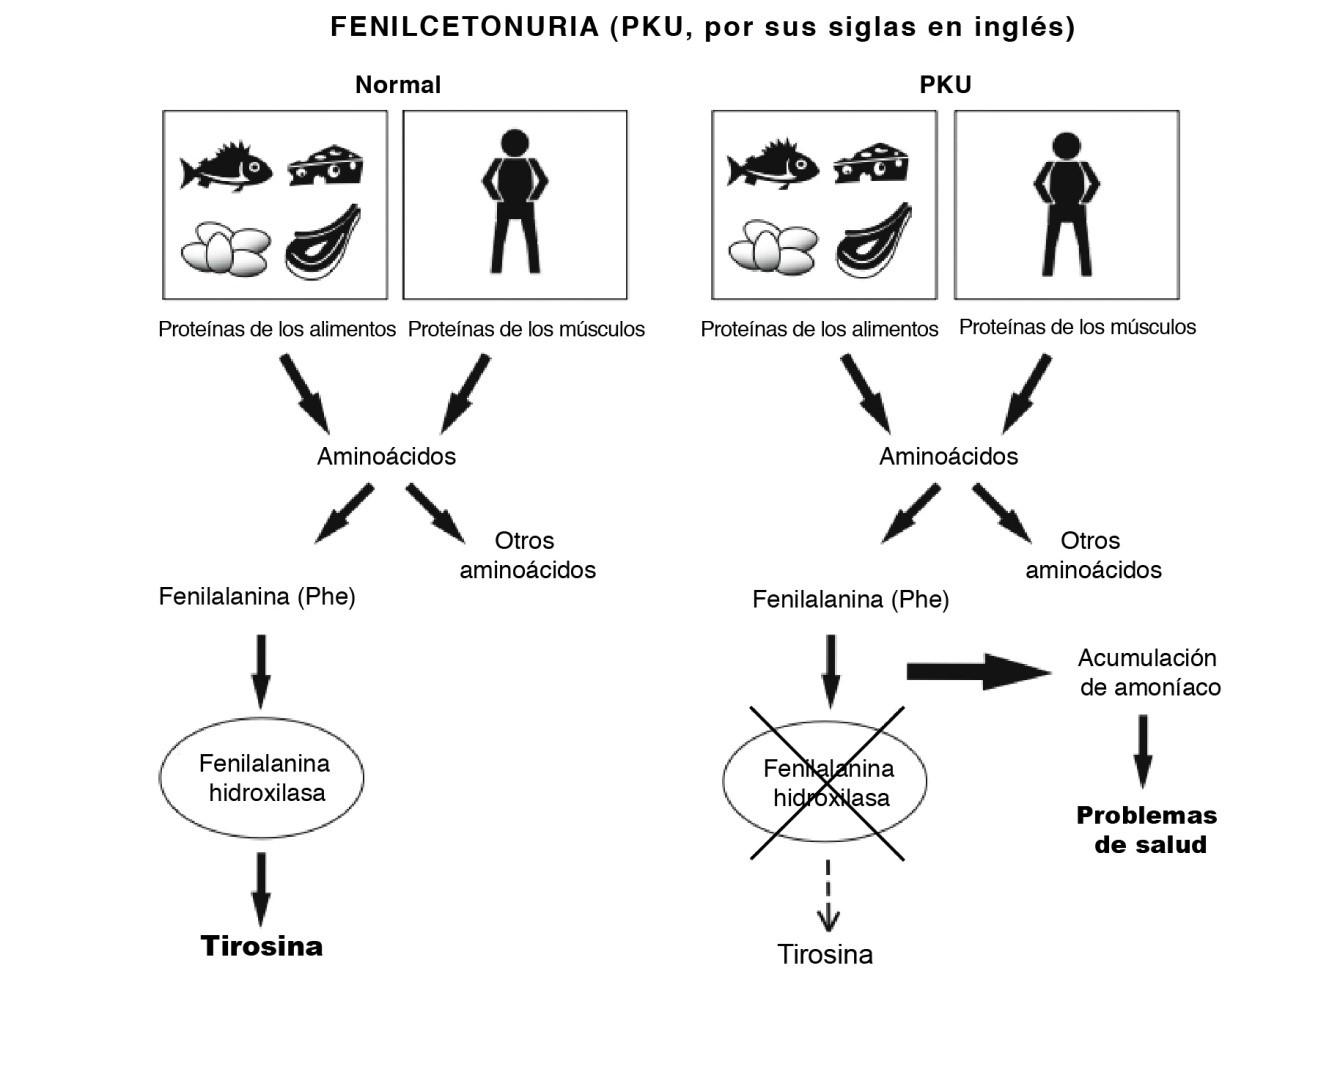 Phenylketonuria Diagram